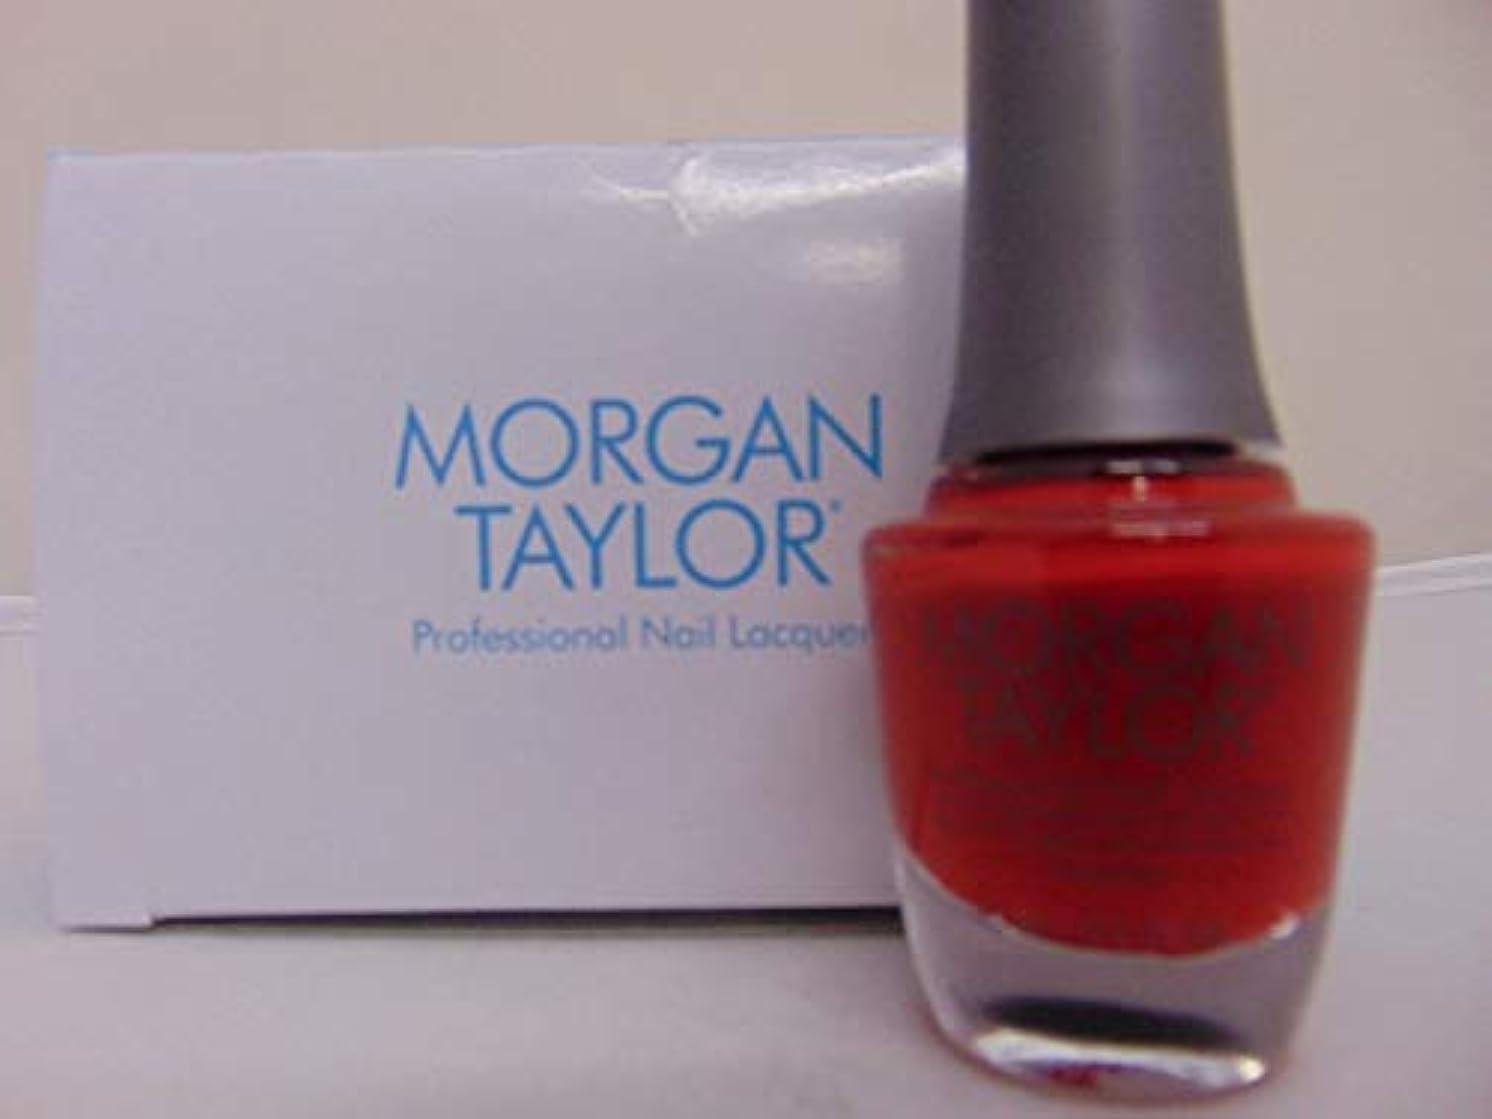 バクテリア倍率感謝するMorgan Taylor - Professional Nail Lacquer - Scandalous - 15 mL / 0.5oz